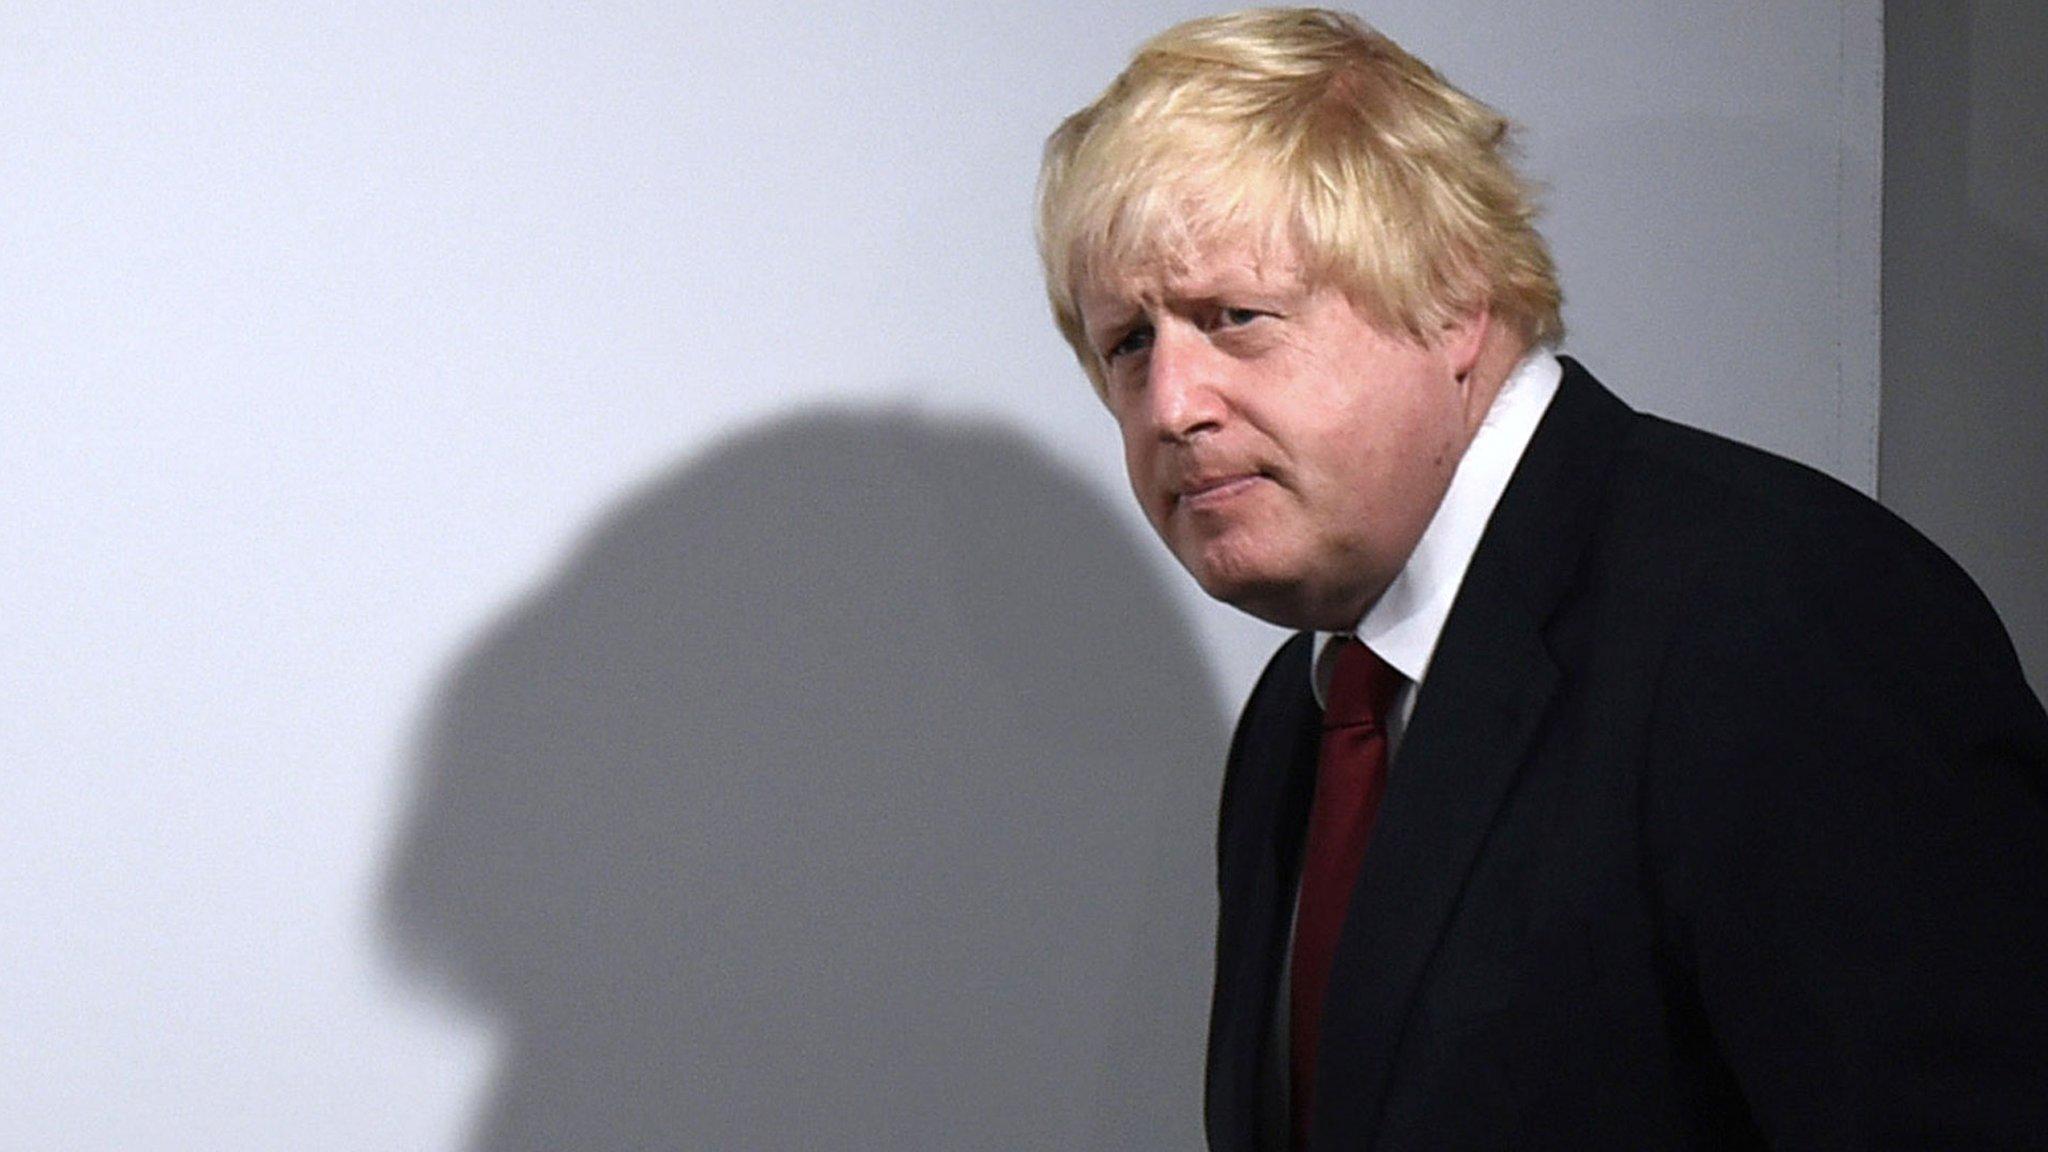 Johnson pledges EU co-operation after referendum result